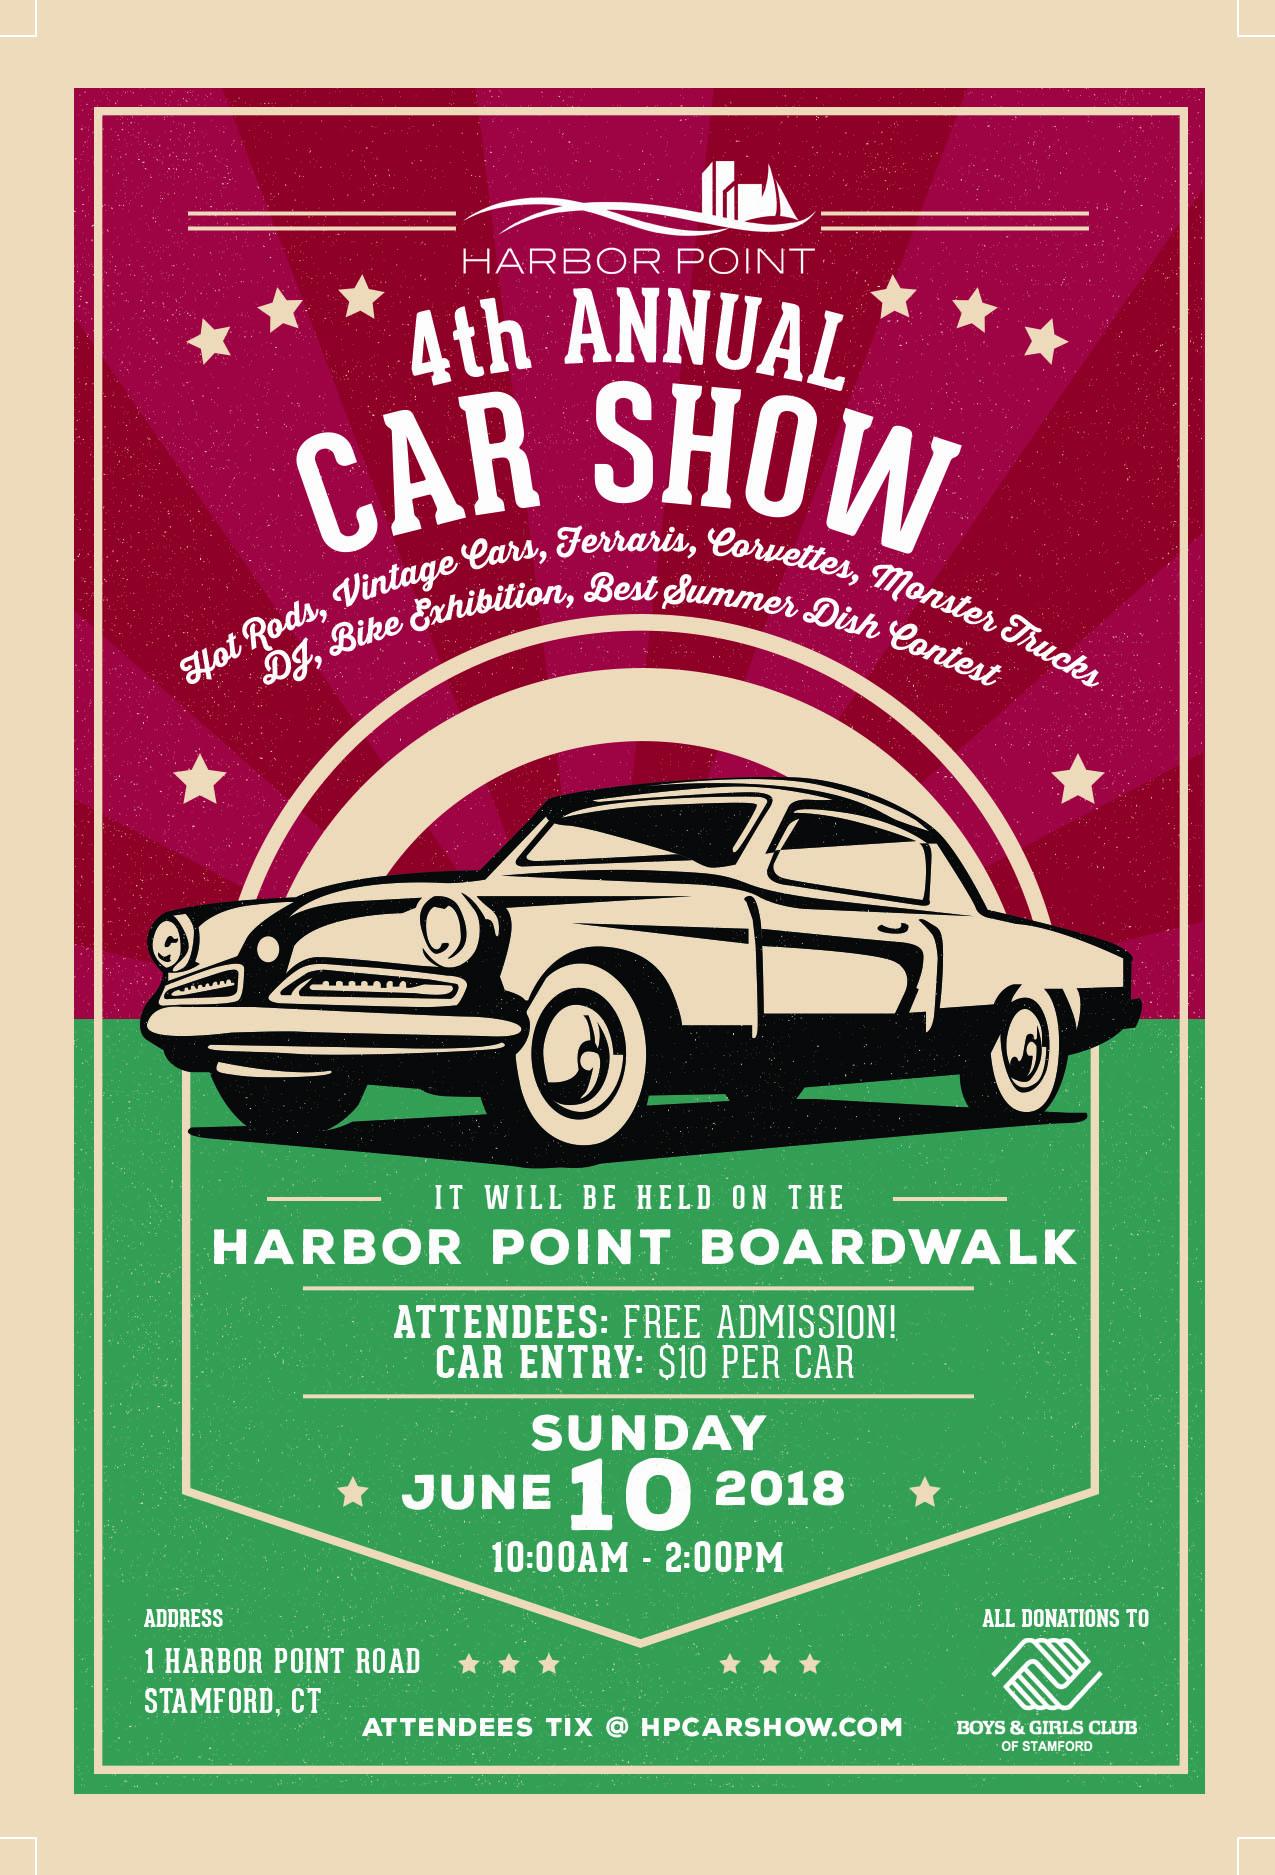 Harbor Point Th Annual Car Show - Car show sunday